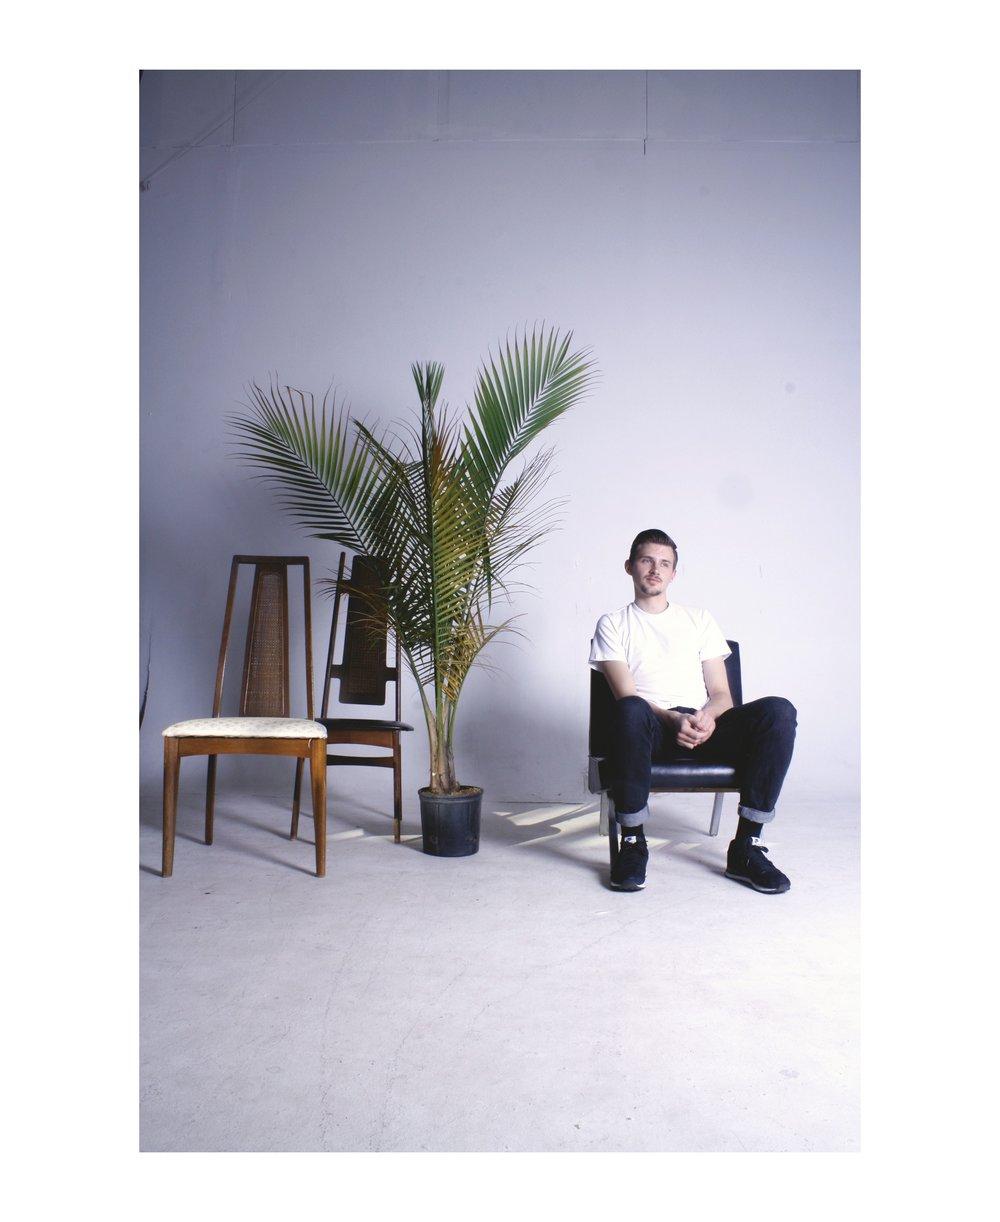 Photo shoot with I.K.